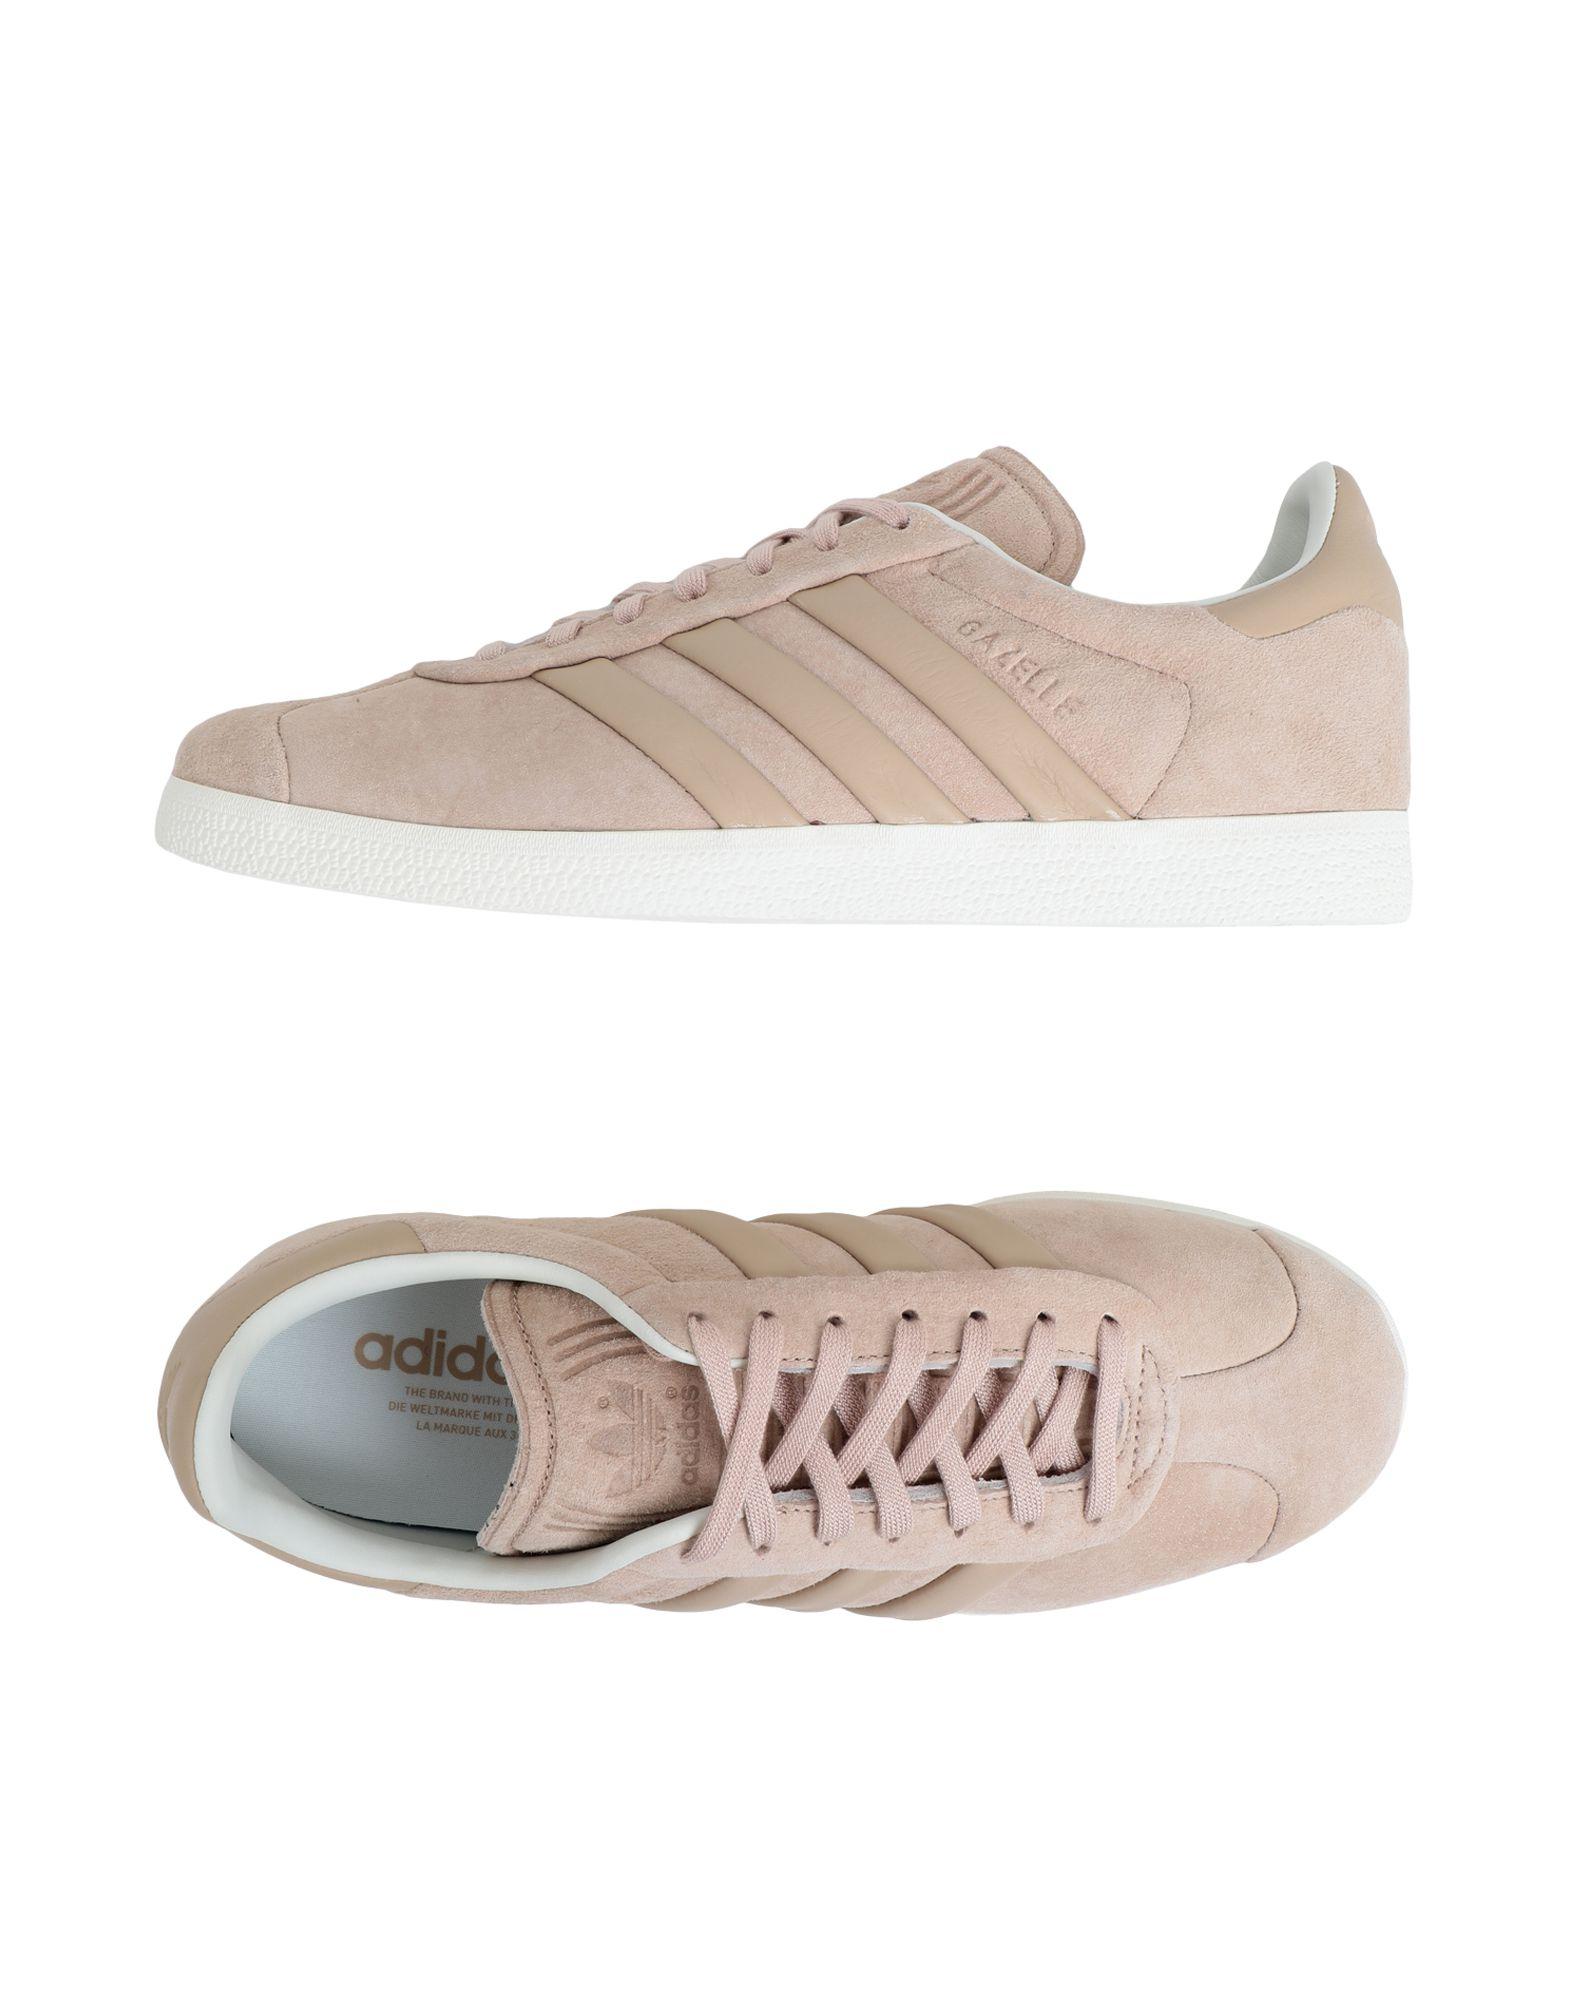 Baskets Adidas Originals Gazelle S&T - Femme - Baskets Adidas Originals Sable Dernières chaussures discount pour hommes et femmes